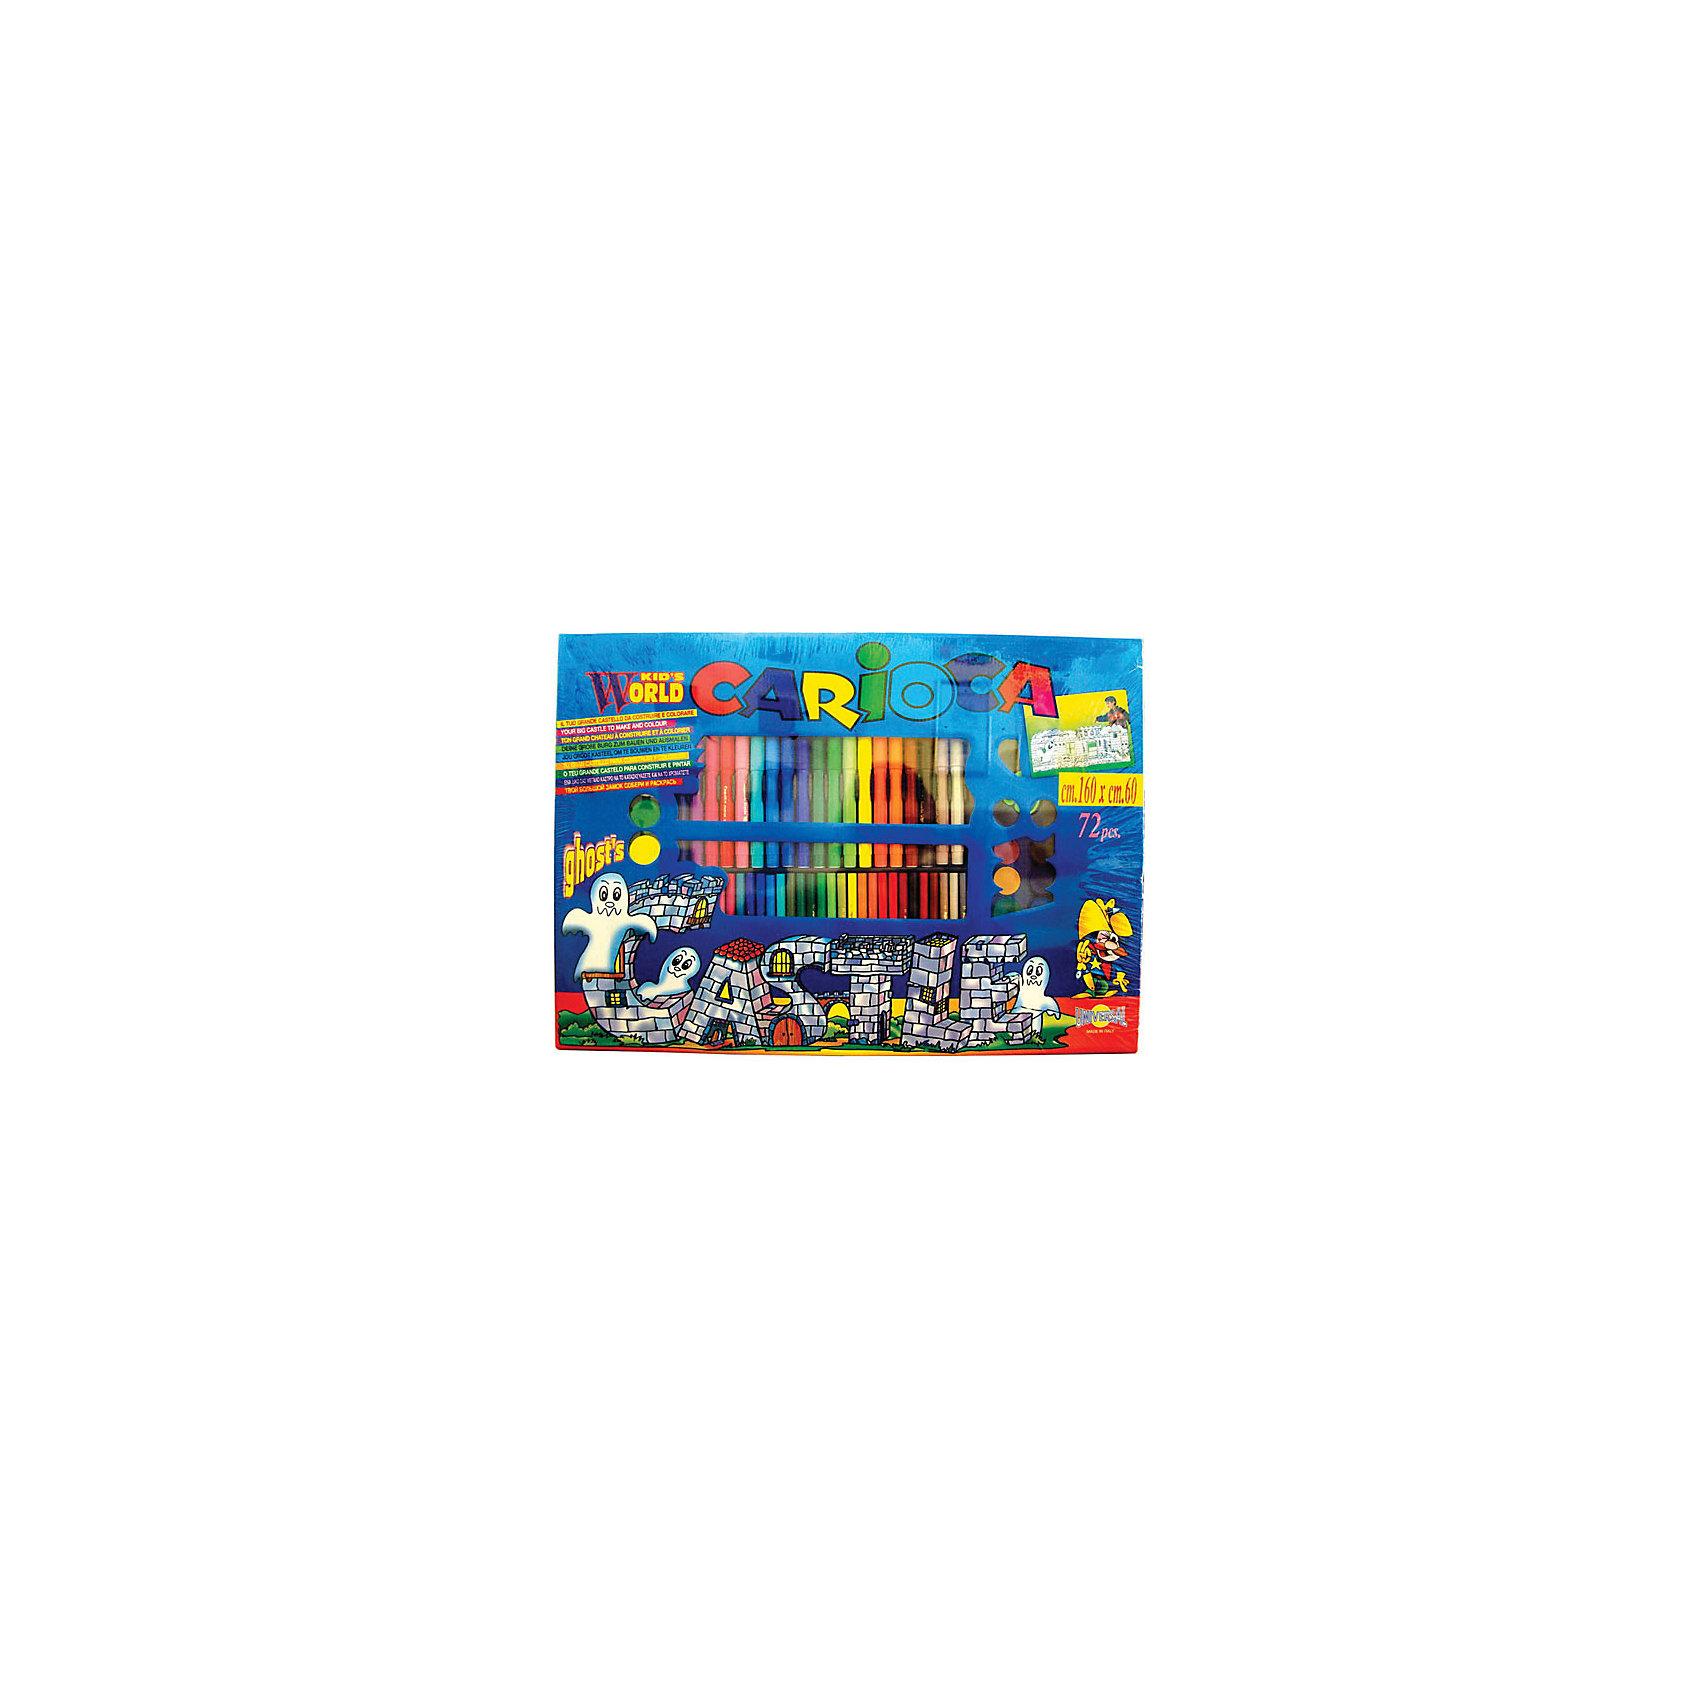 CARIOCA Набор для рисования CARIOCA CASTLE, 75 предметовПисьменные принадлежности<br>В наборе 75 предметов: 2 трафарета для раскрашивания размером  60х160 см, 48 суперсмывааемых  фломастеров, 12 восковых карандашей, 12 акварельных красок, кисточка. В картонной коробке с ручкой<br><br>Ширина мм: 600<br>Глубина мм: 600<br>Высота мм: 30<br>Вес г: 875<br>Возраст от месяцев: 36<br>Возраст до месяцев: 168<br>Пол: Унисекс<br>Возраст: Детский<br>SKU: 6888677